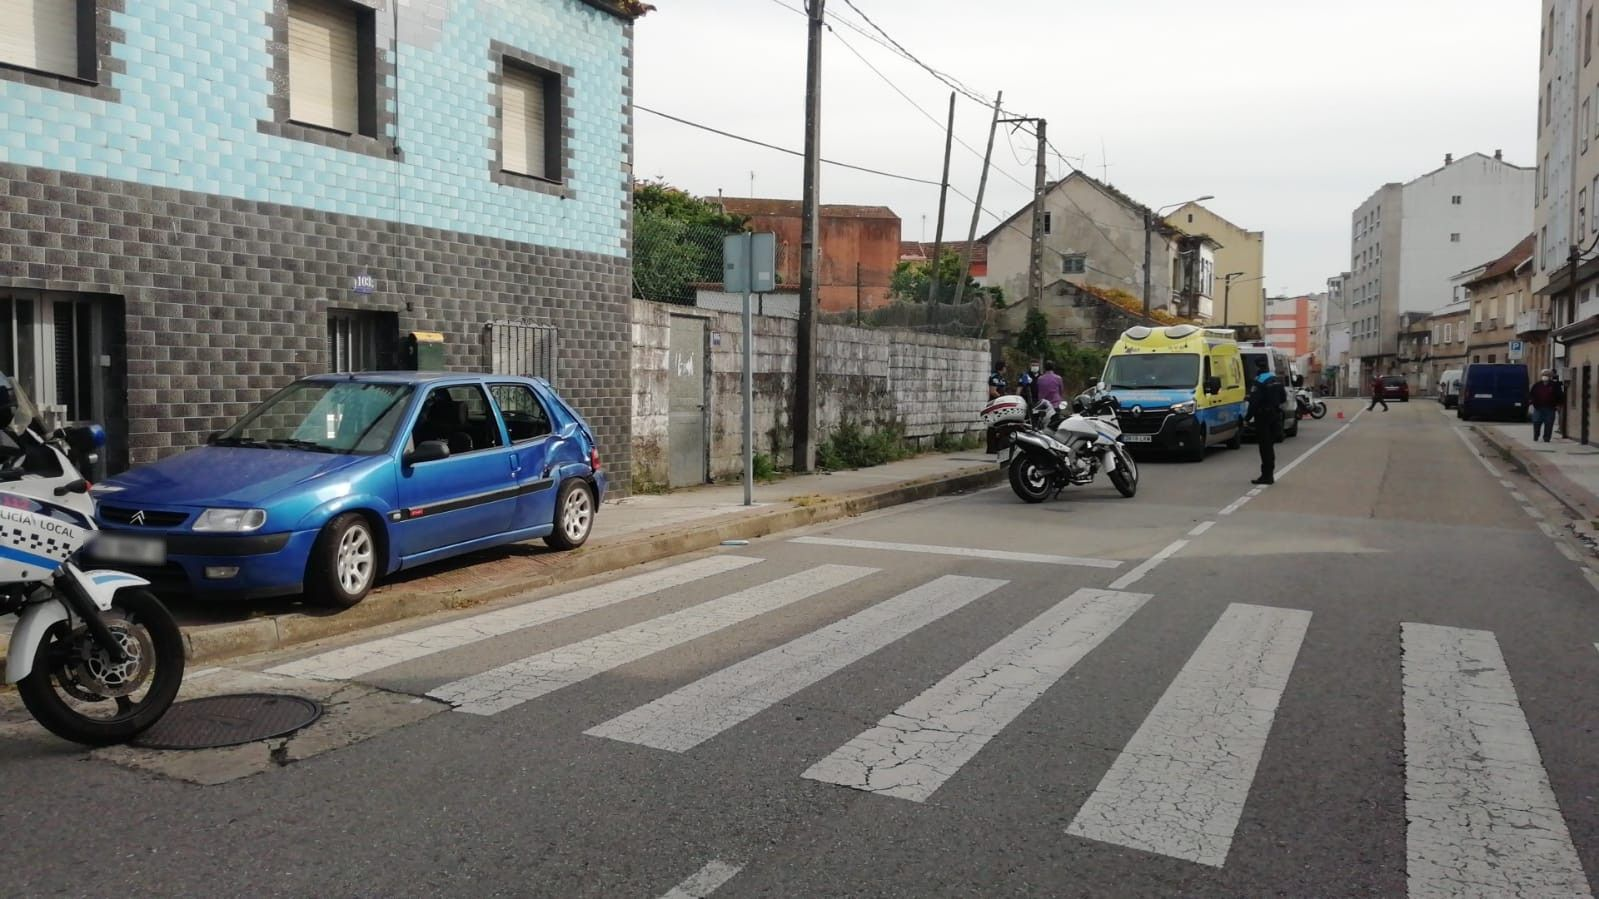 Atropello mortal en Pontevedra: en libertad el acusado de arrollar a una mujer y herir de gravedad a una niña